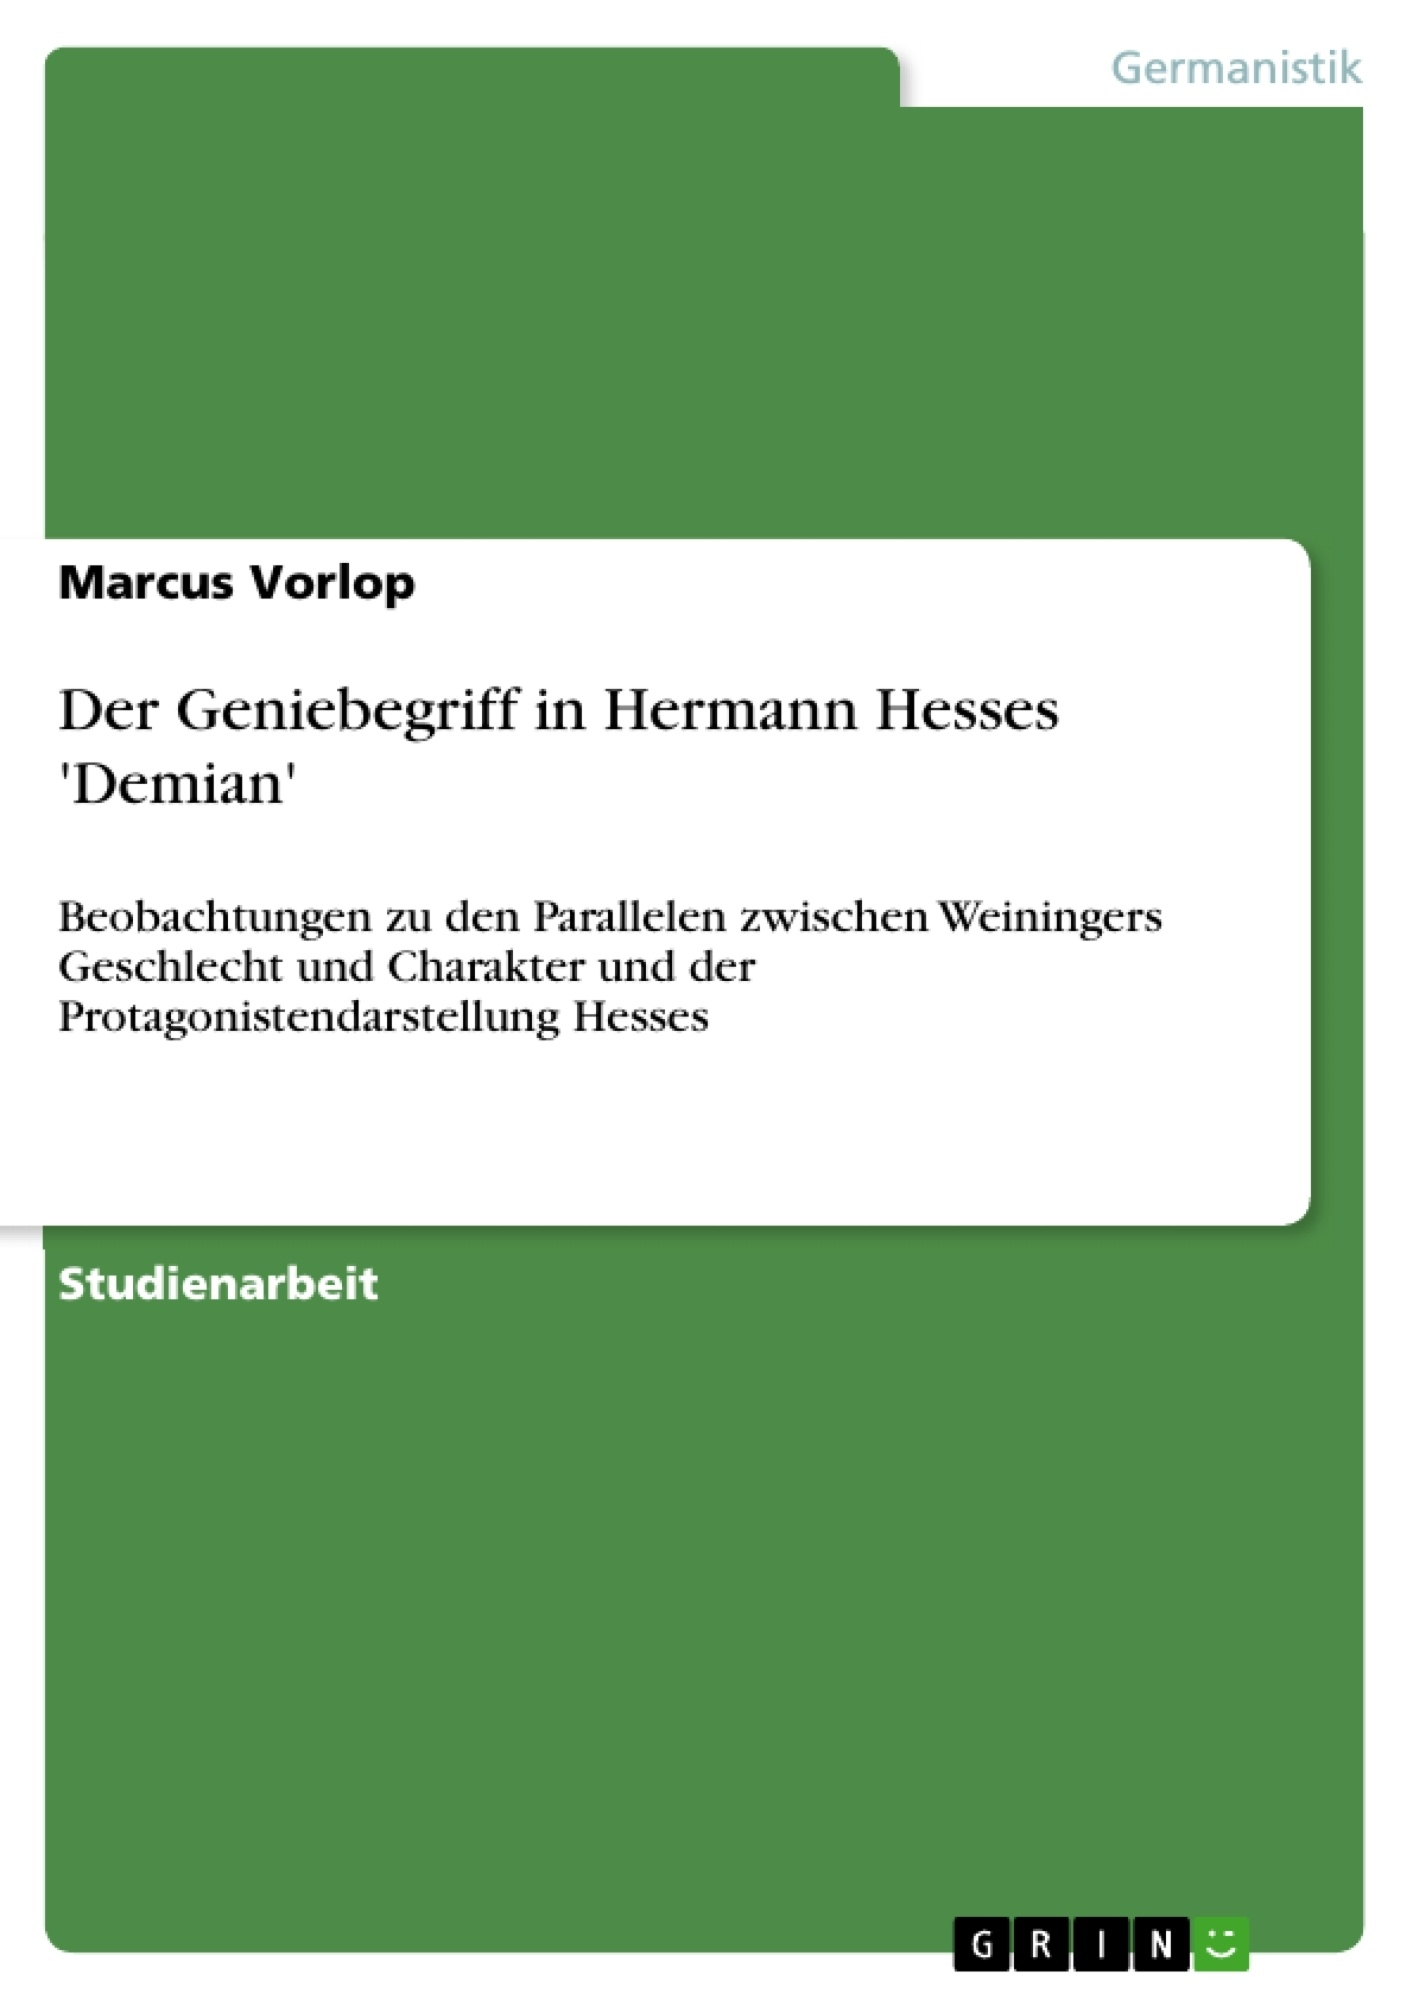 Titel: Der Geniebegriff in Hermann Hesses 'Demian'